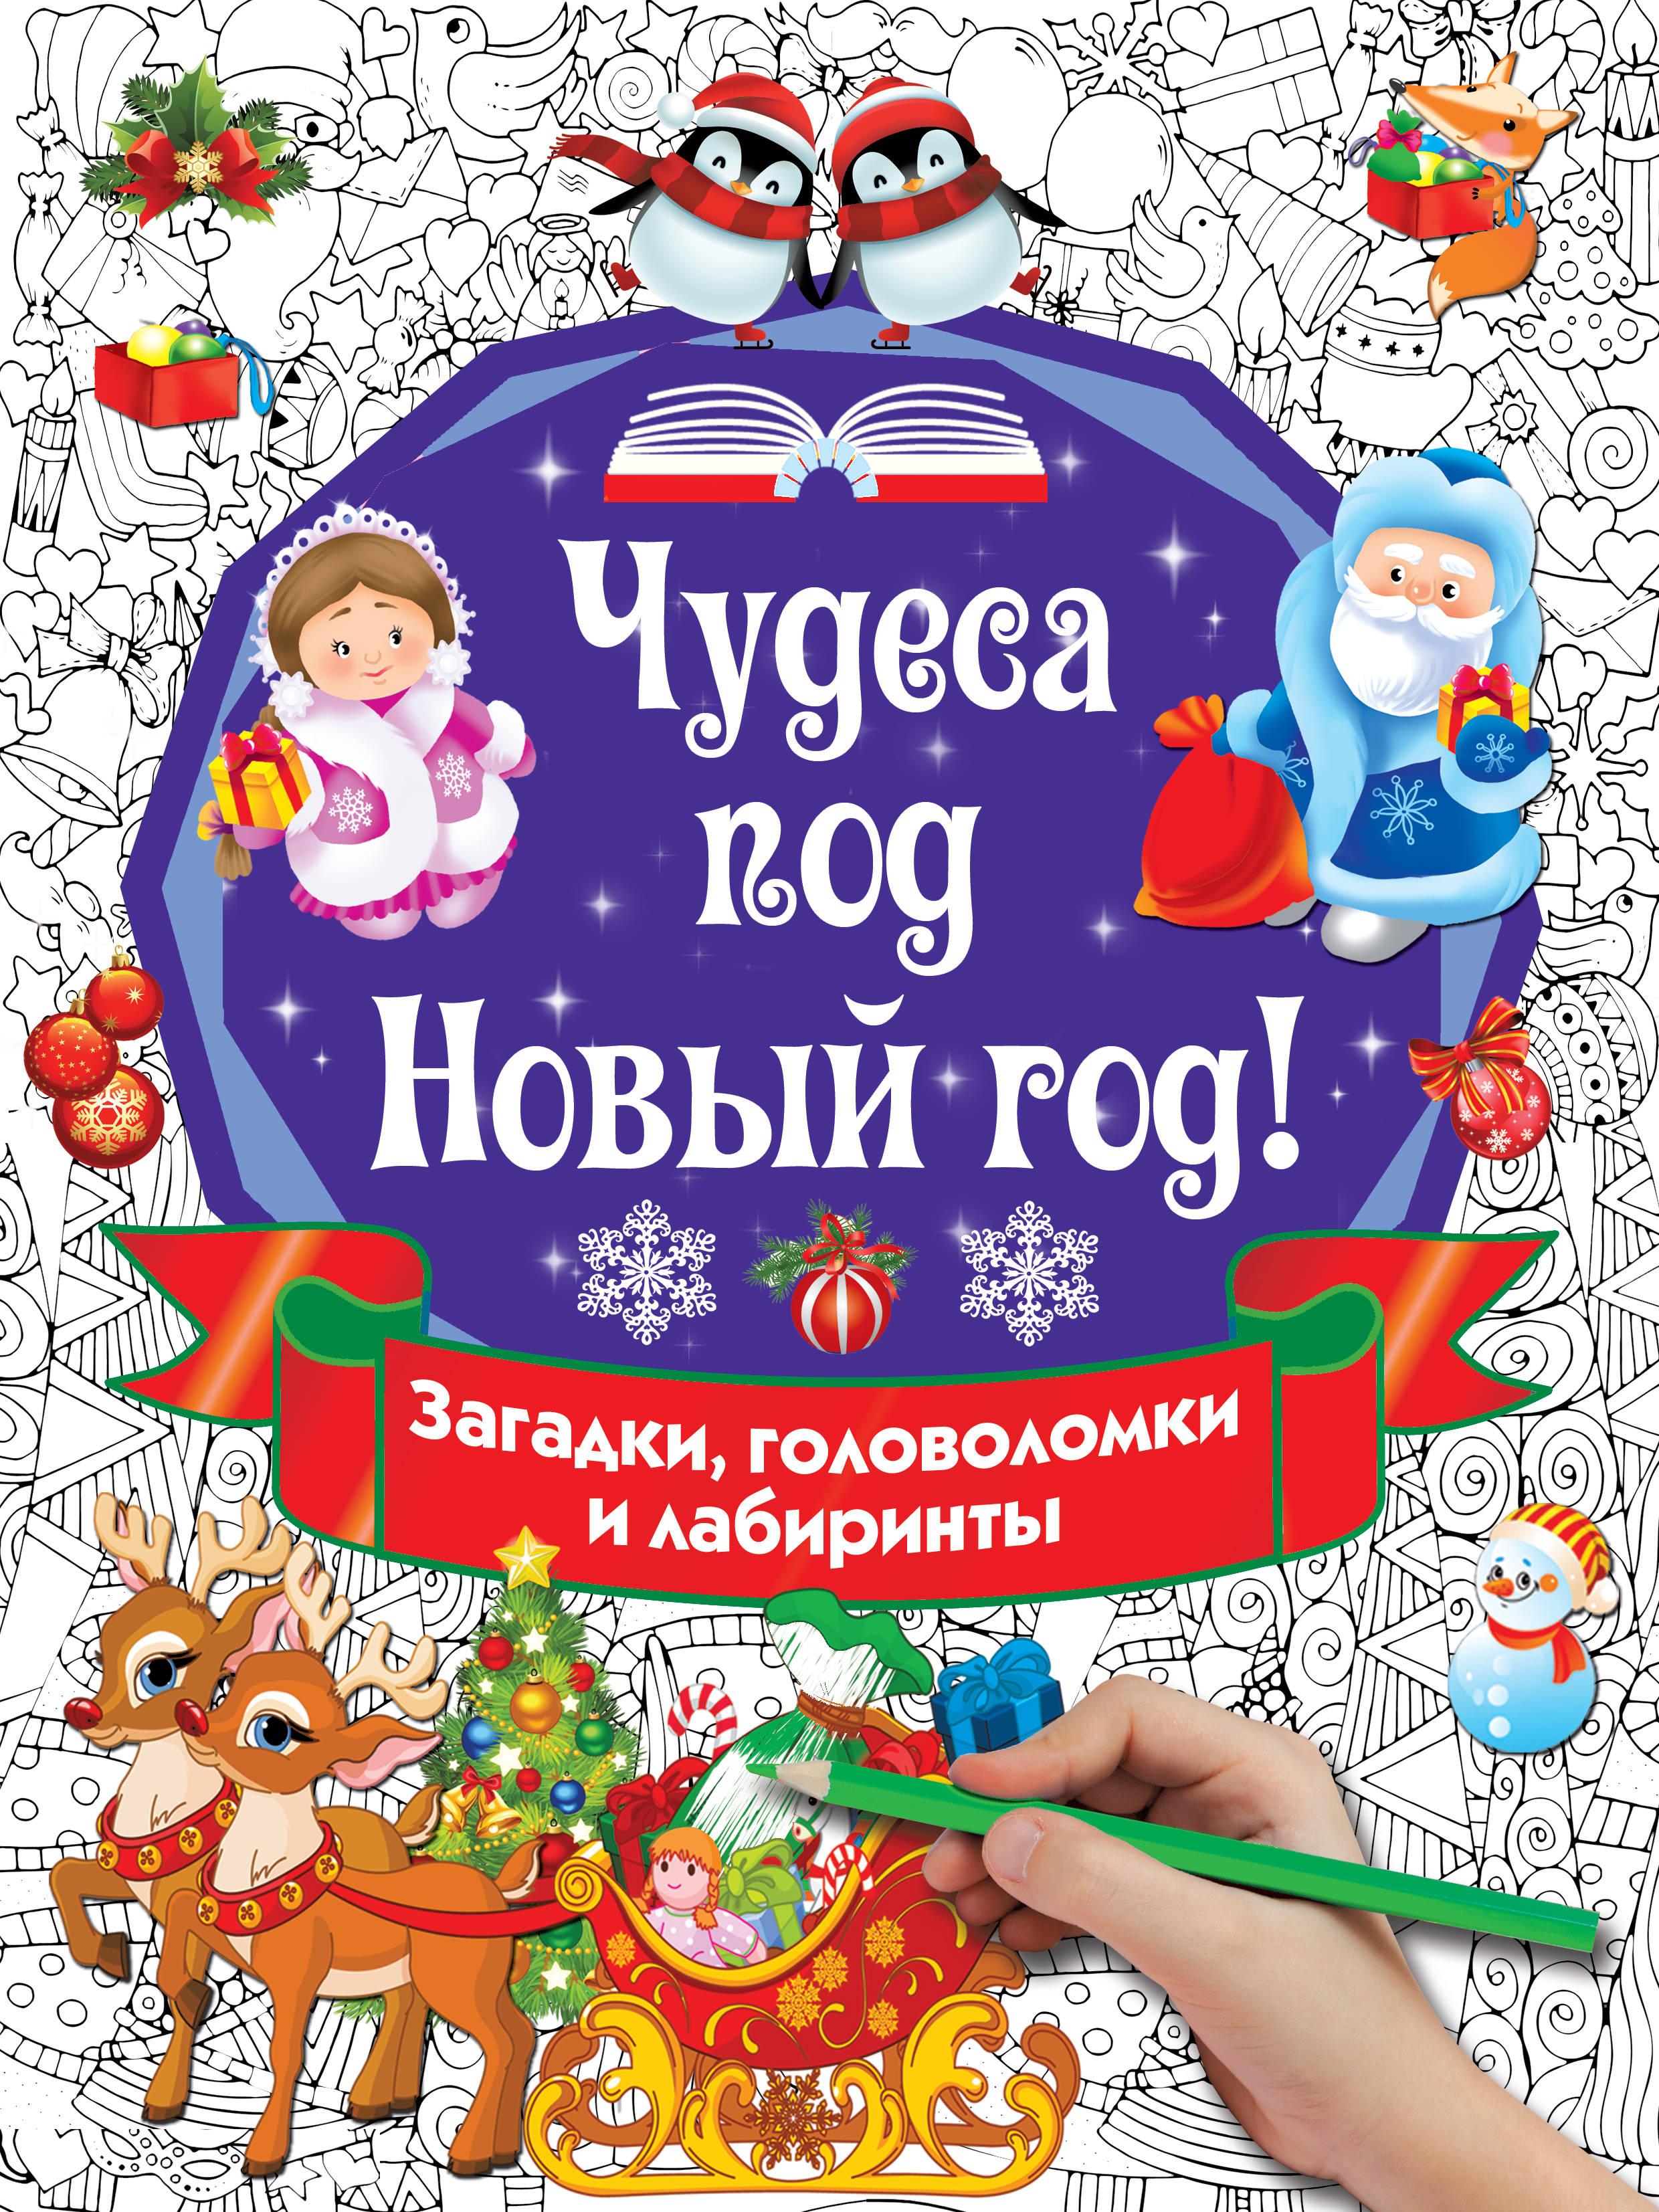 Чудеса под Новый год! Загадки, головоломки и лабиринты